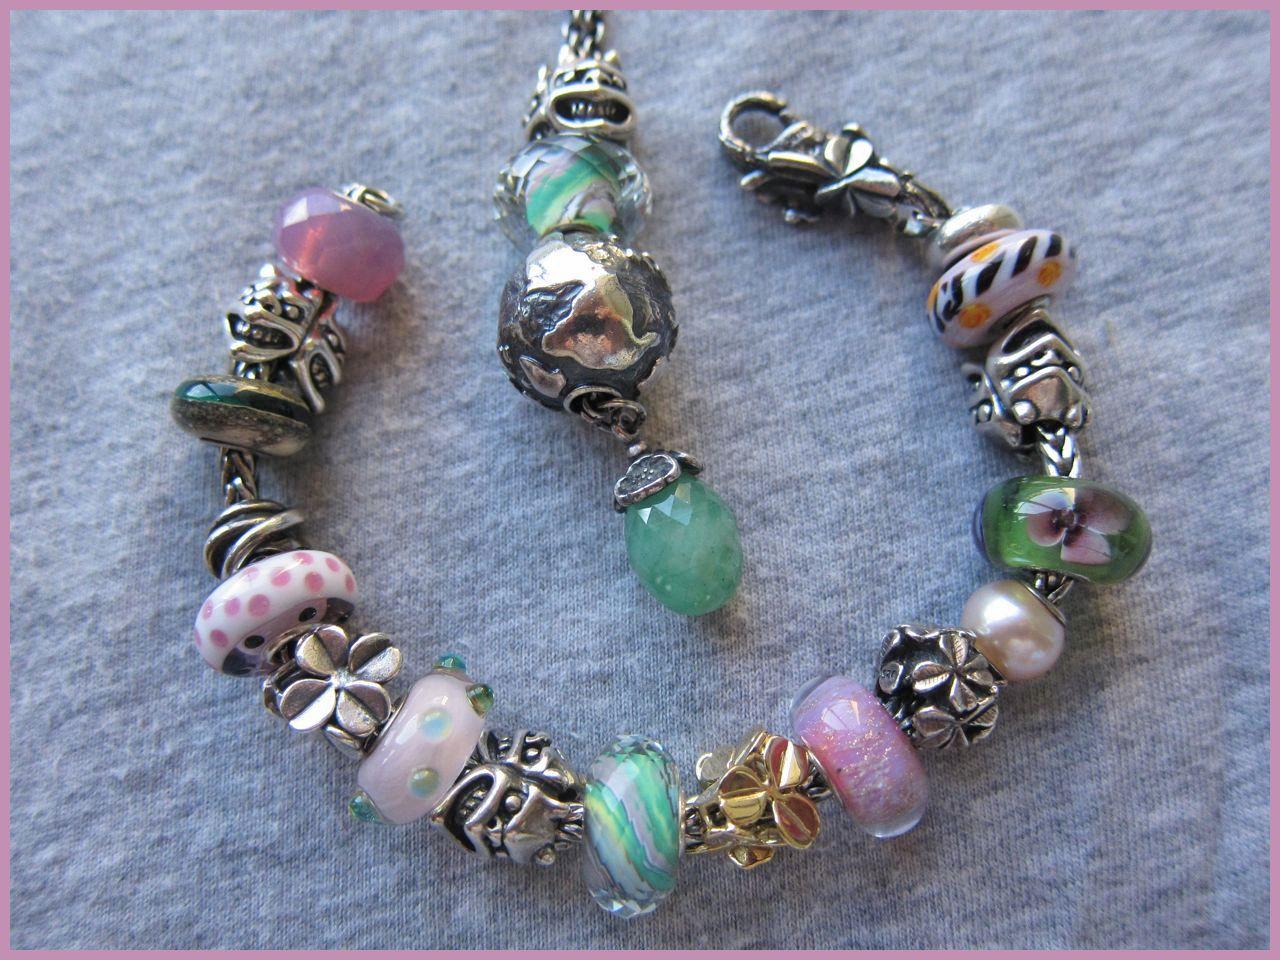 Show Your 40th Clover Bracelets - Page 4 Dbvxwr1jswya9zw6g